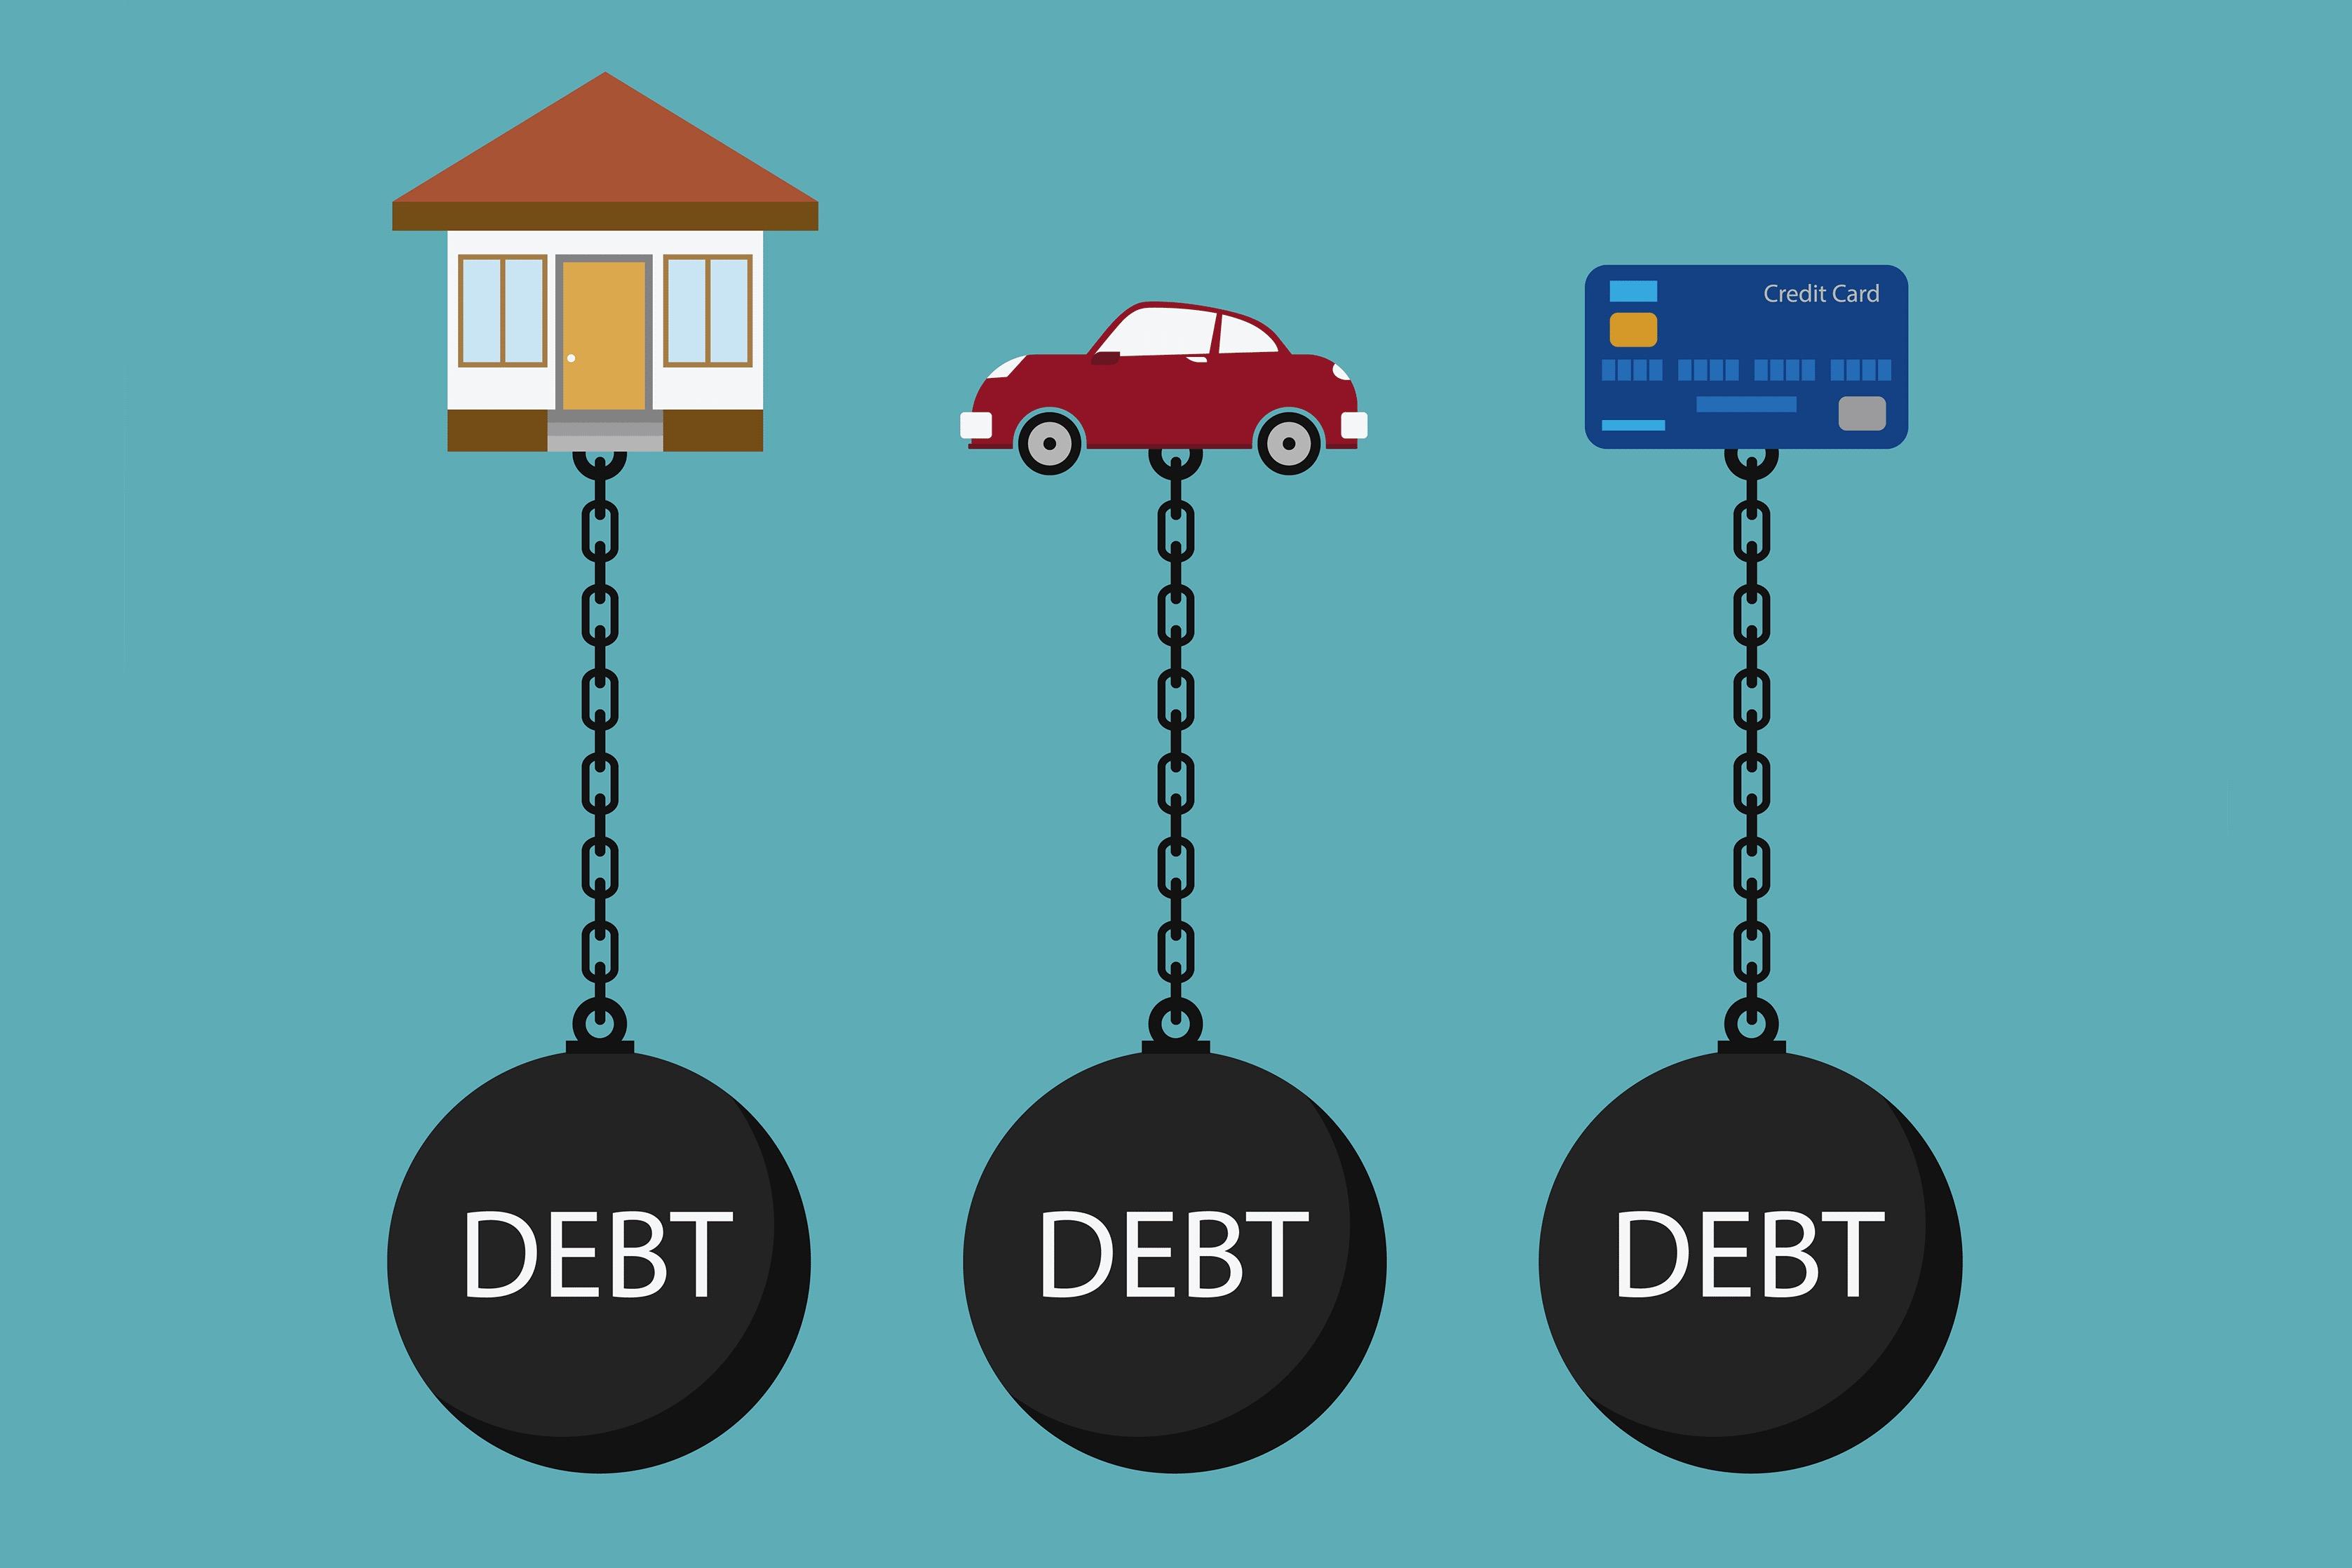 SA's Rising Personal Debt Crisis